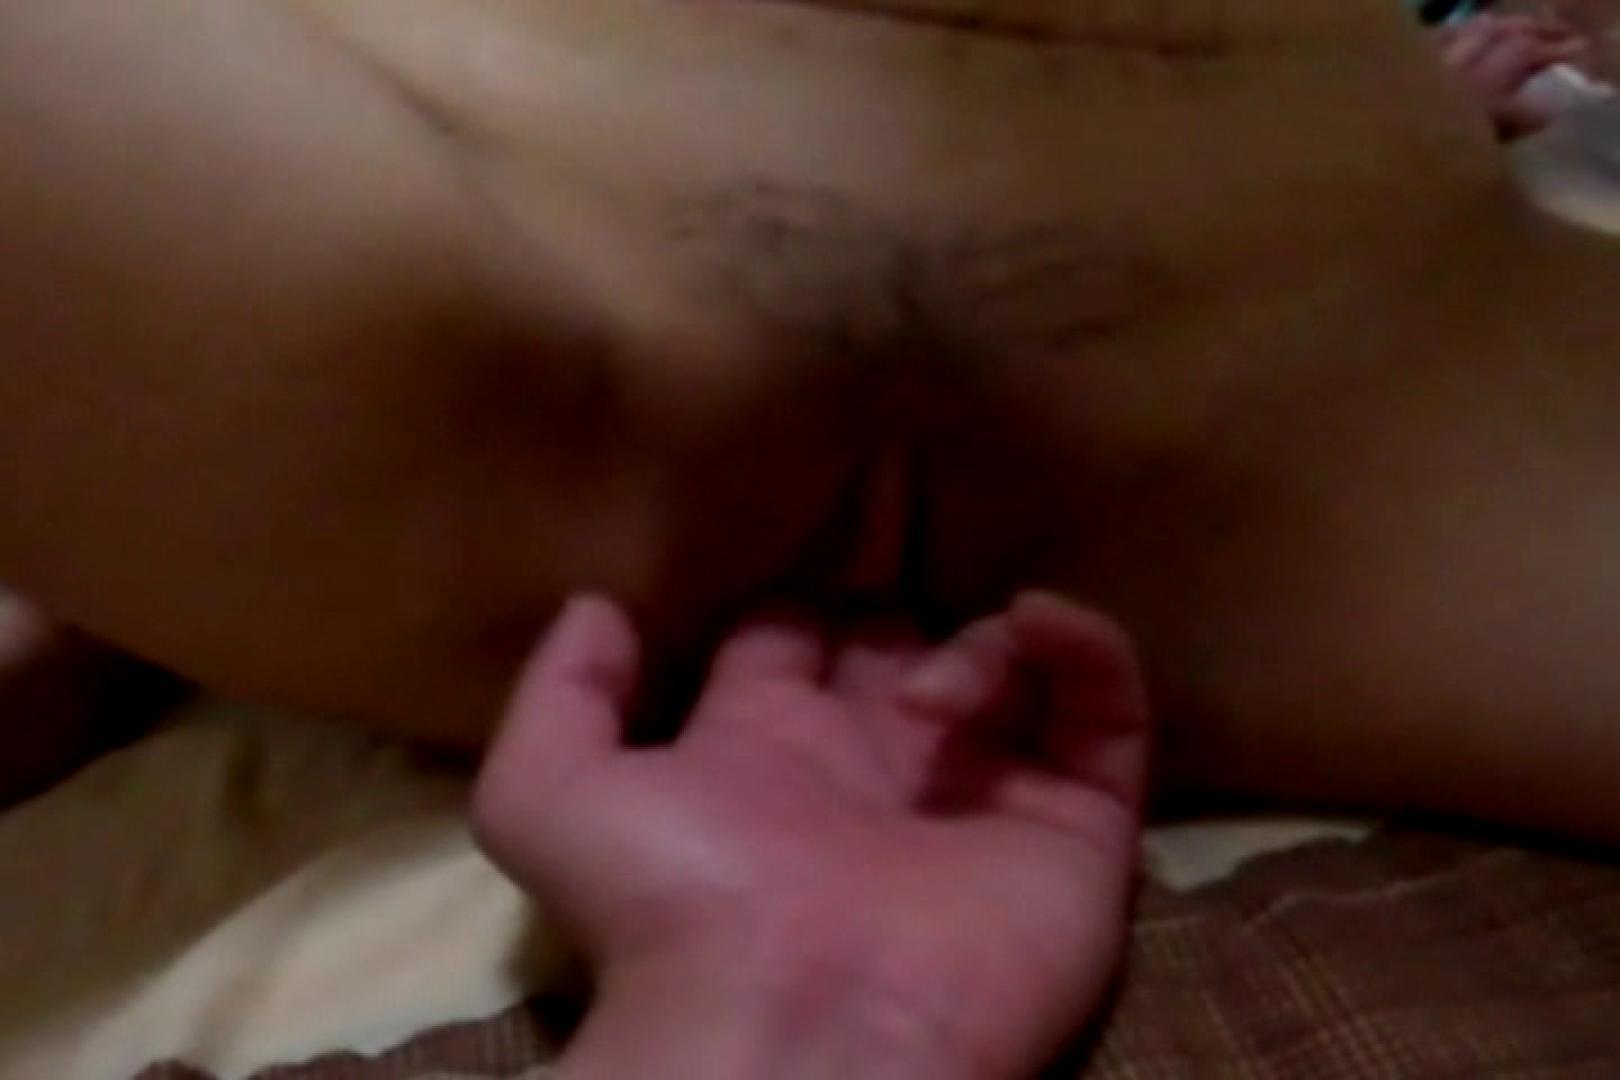 ウイルス流出 Ownerのハメ撮り映像 プライベート | マンコ  52画像 26